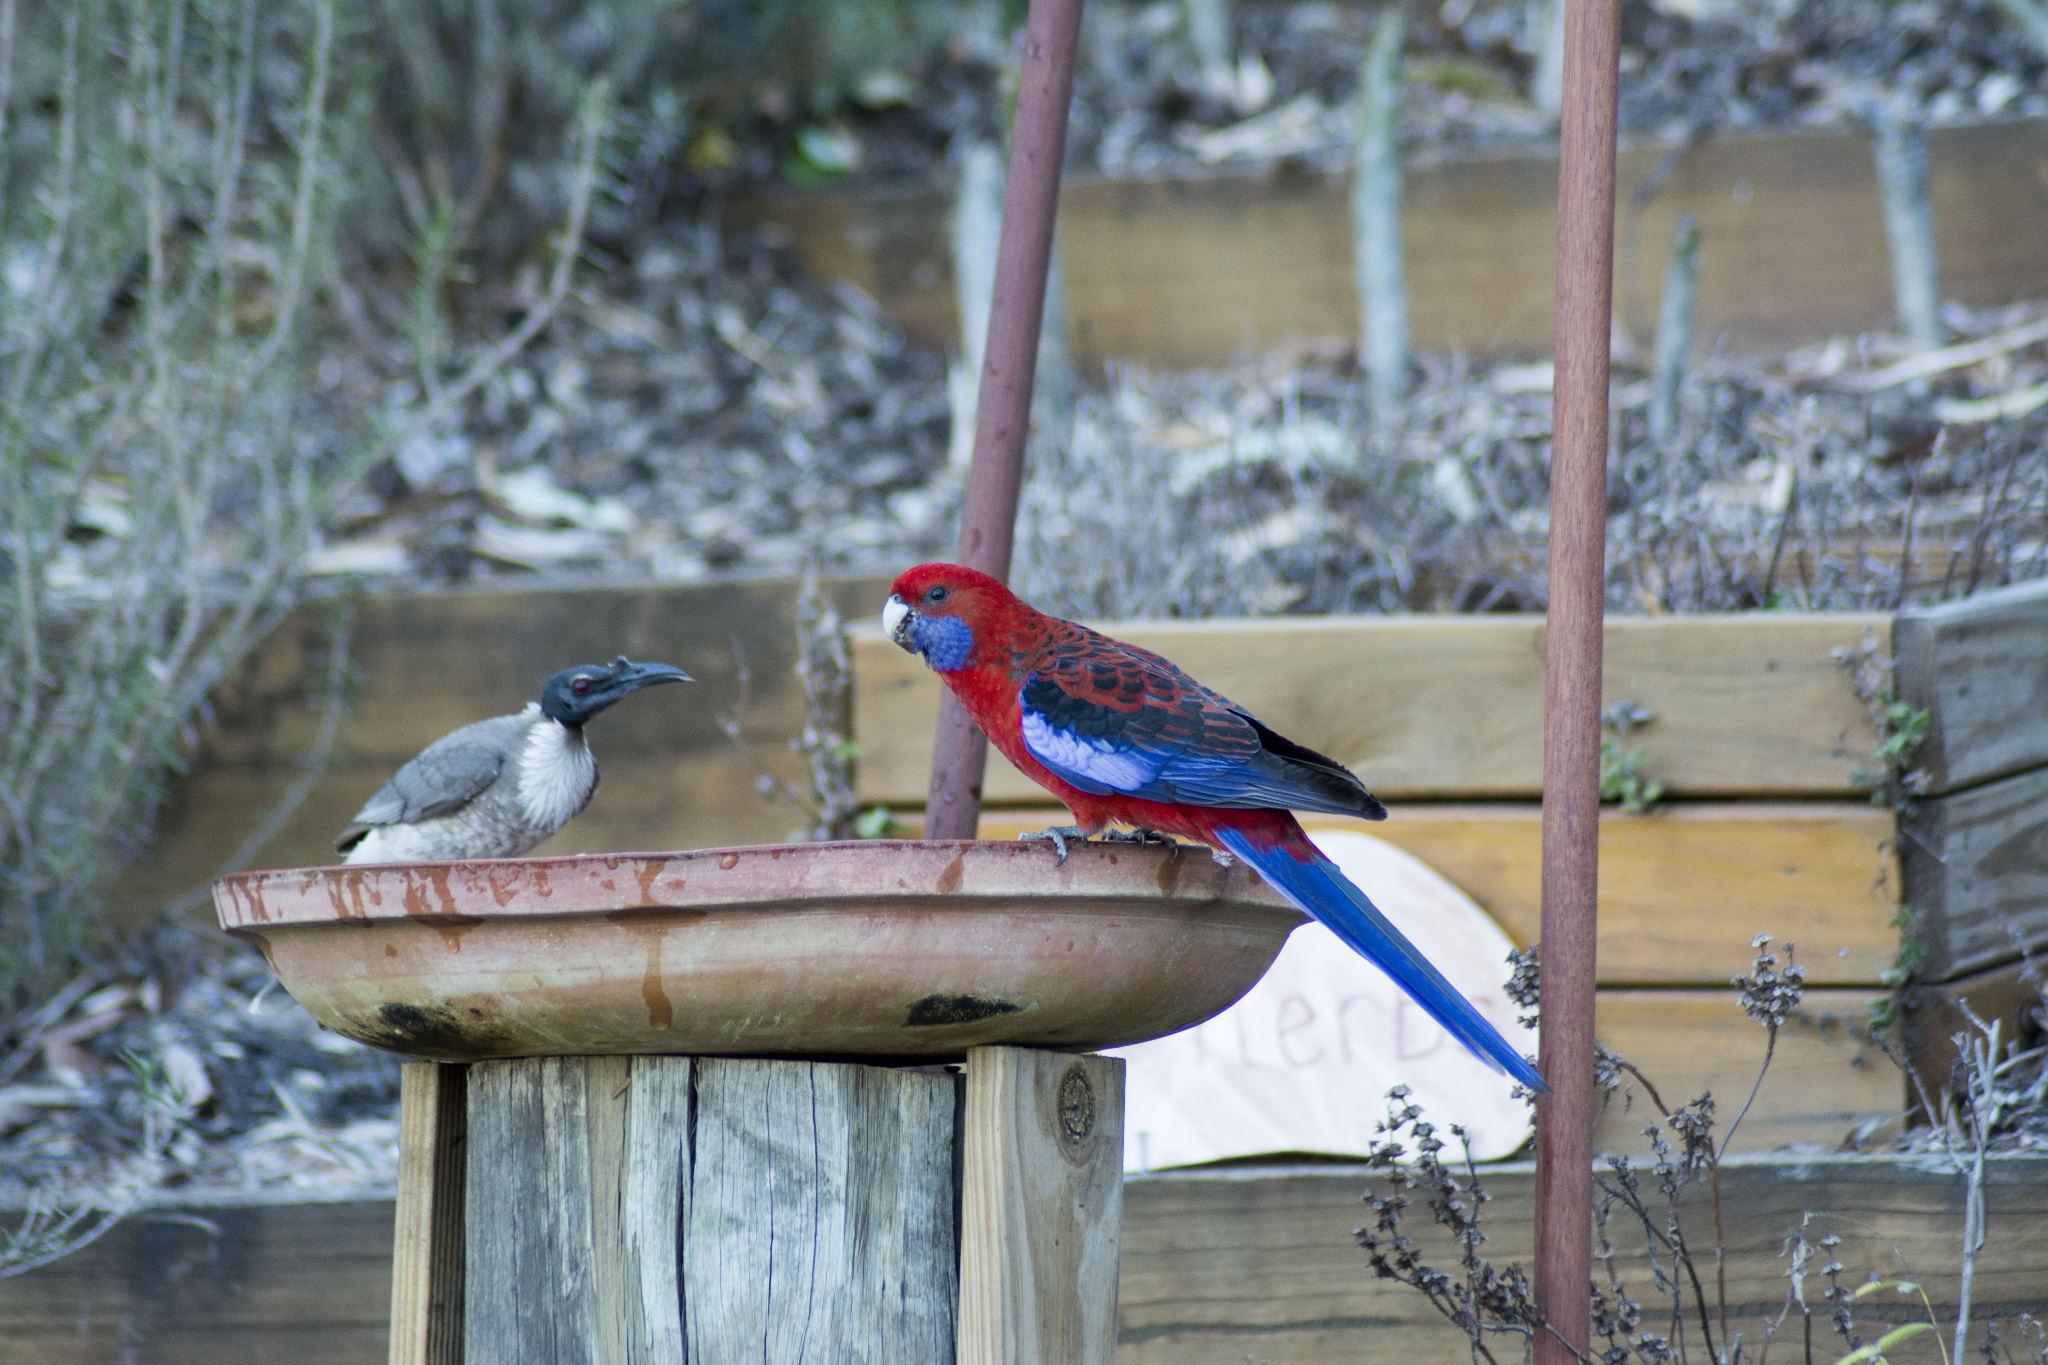 Crimson Rosella and Noisy Friarbird share the bath